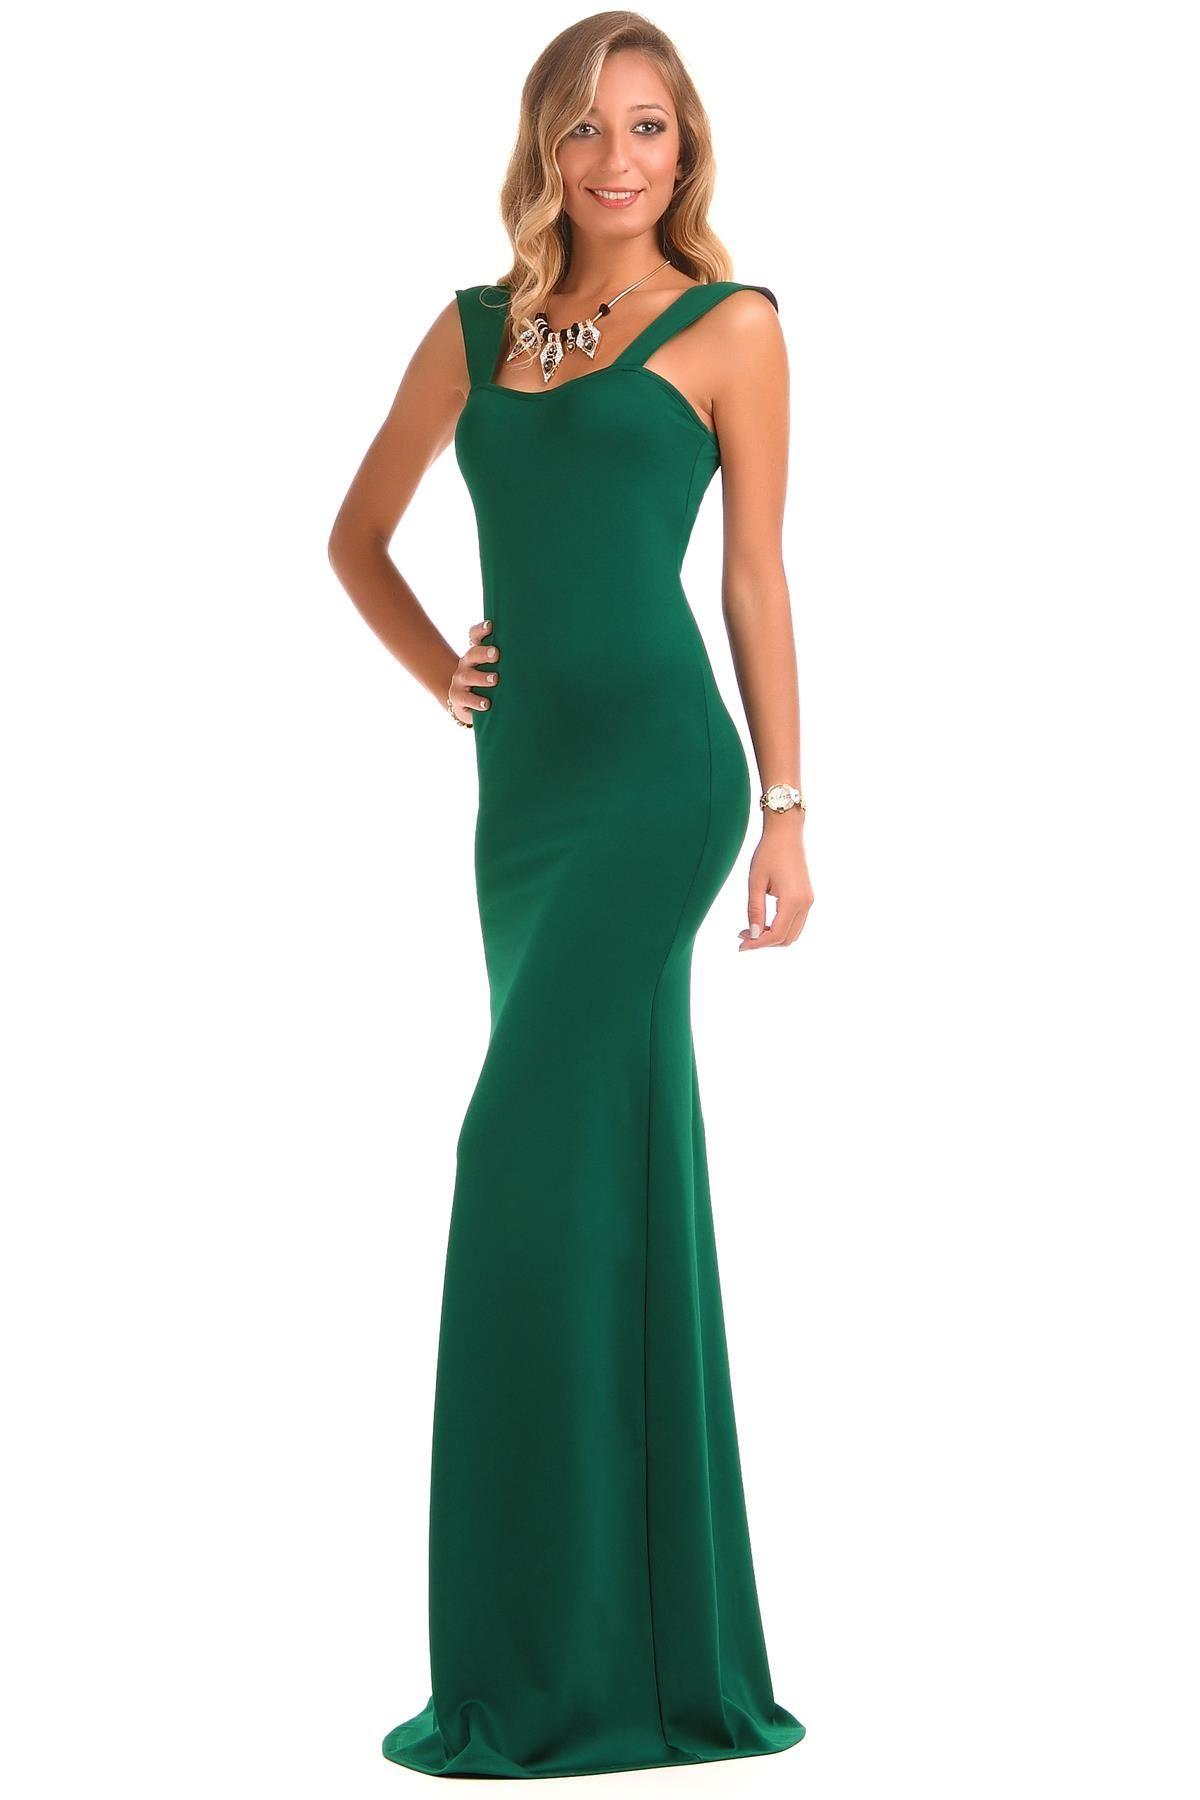 Abiye Modelleri yeşil renkli uzun asimetrik model